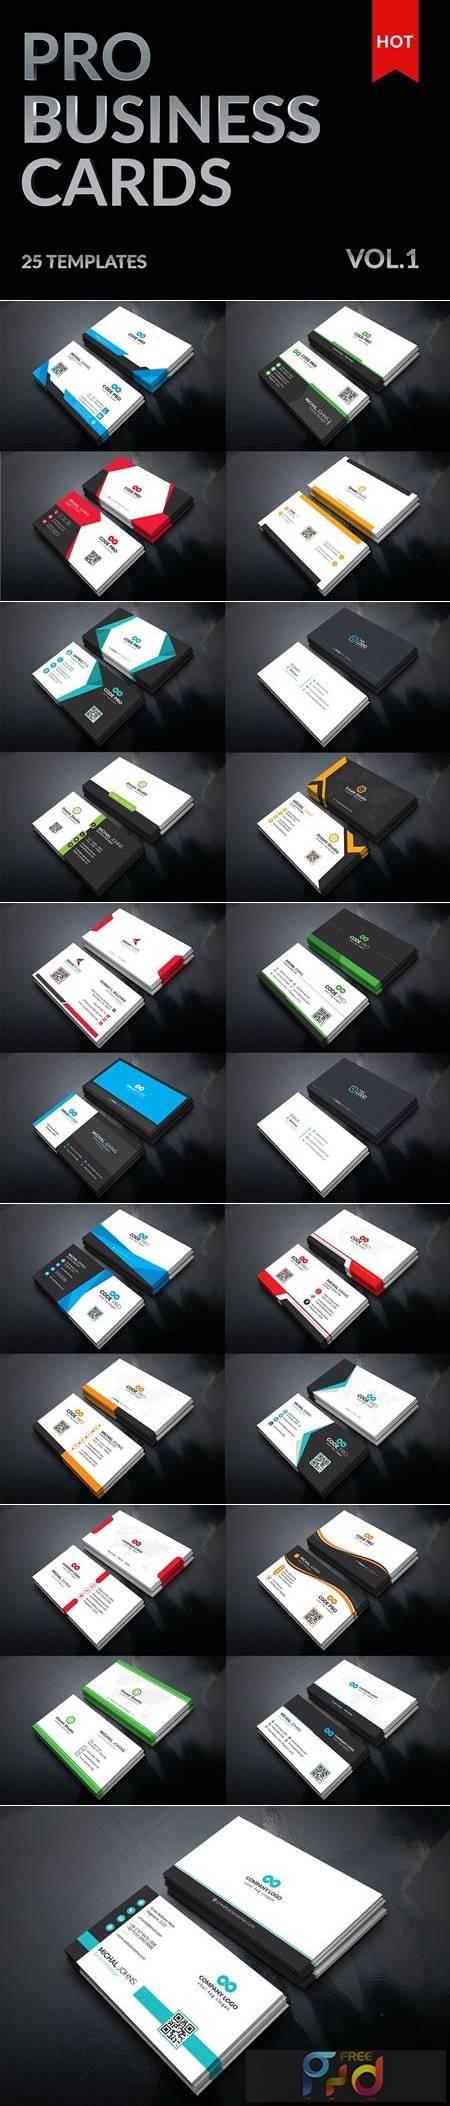 25 Mega Business Cards Bundle 5477202 1